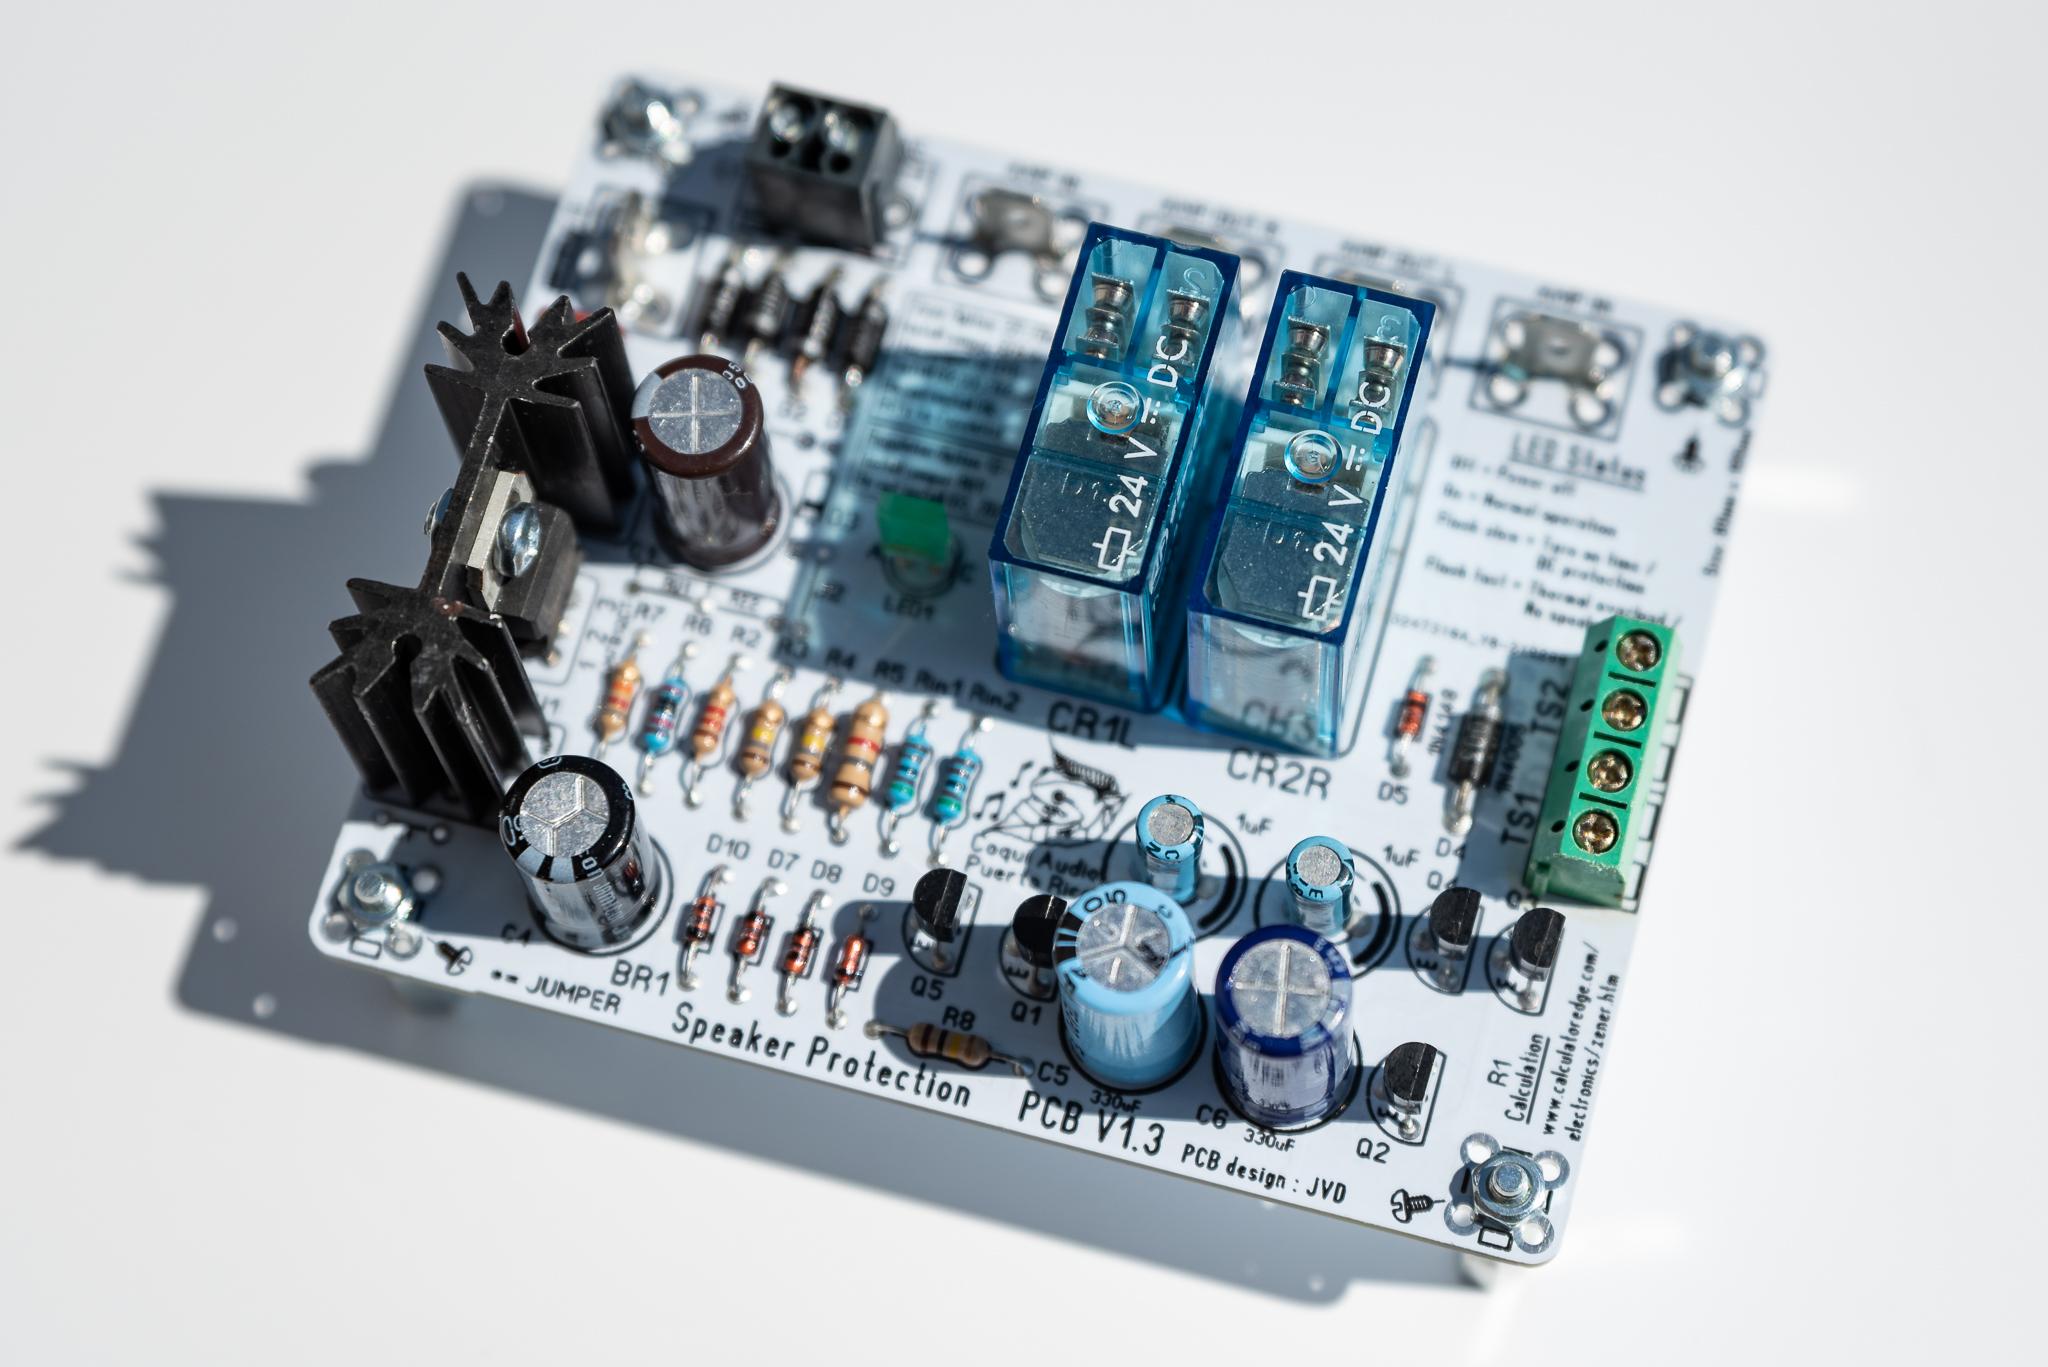 DSC 9684